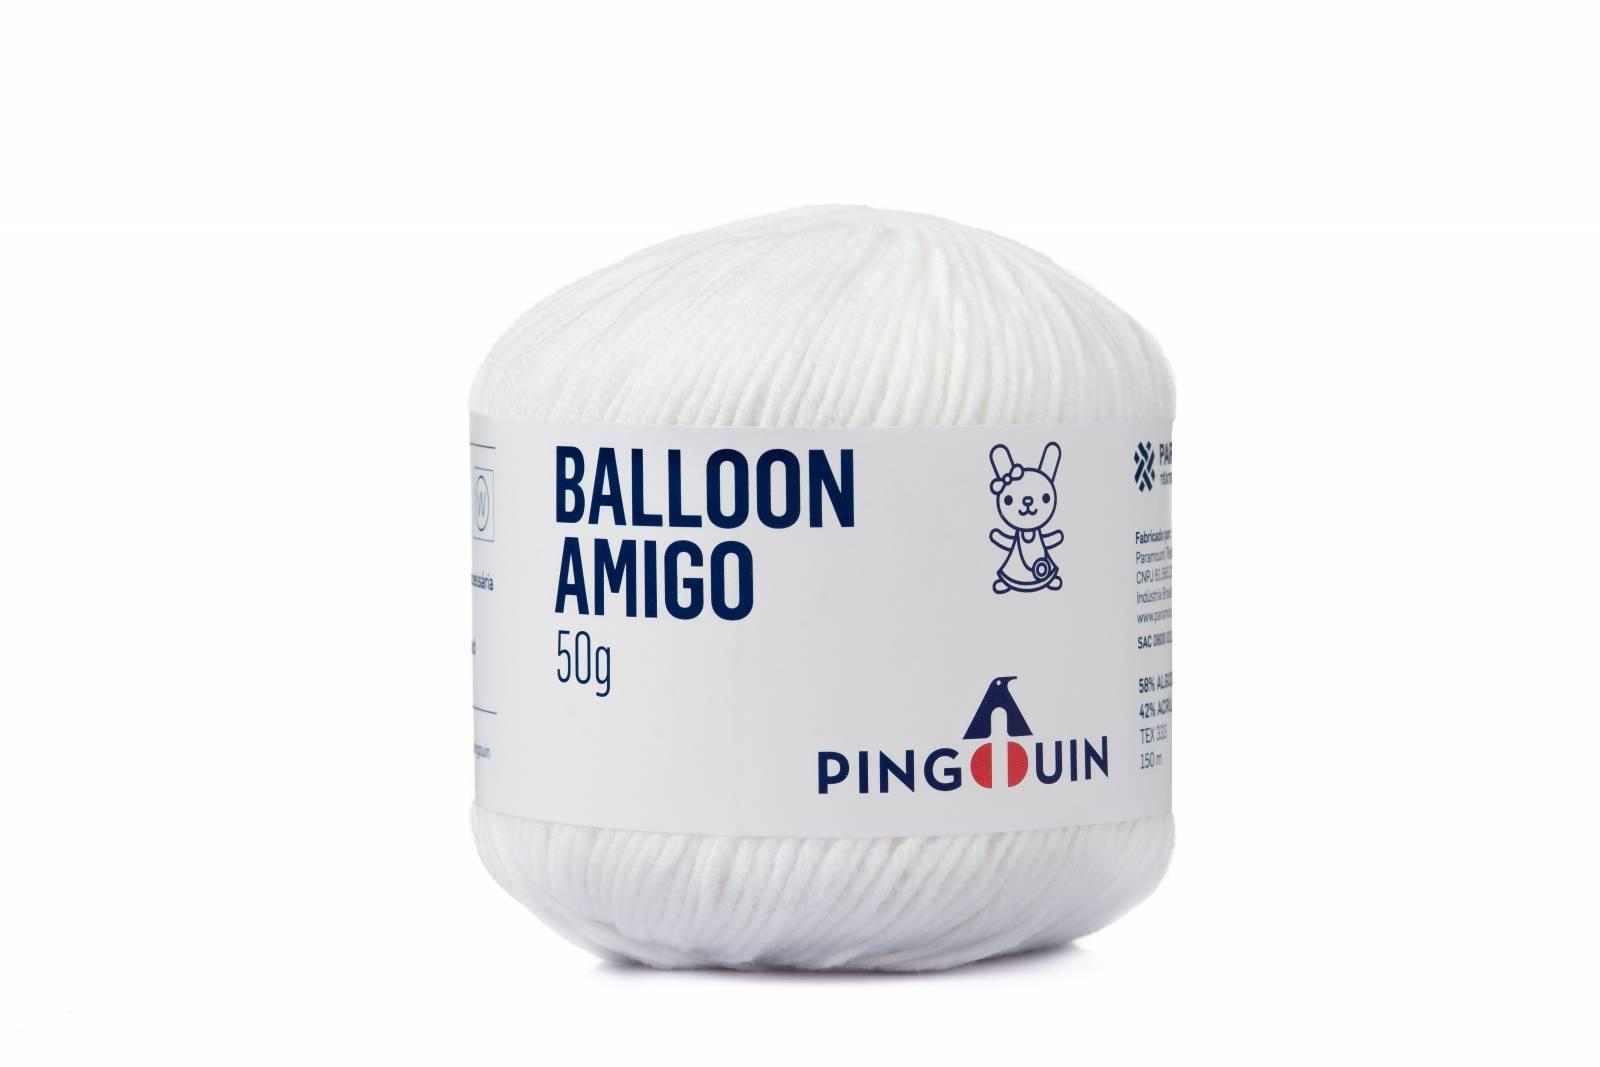 Balloon amigo 002 Branco - BAÚ DA VOVÓ